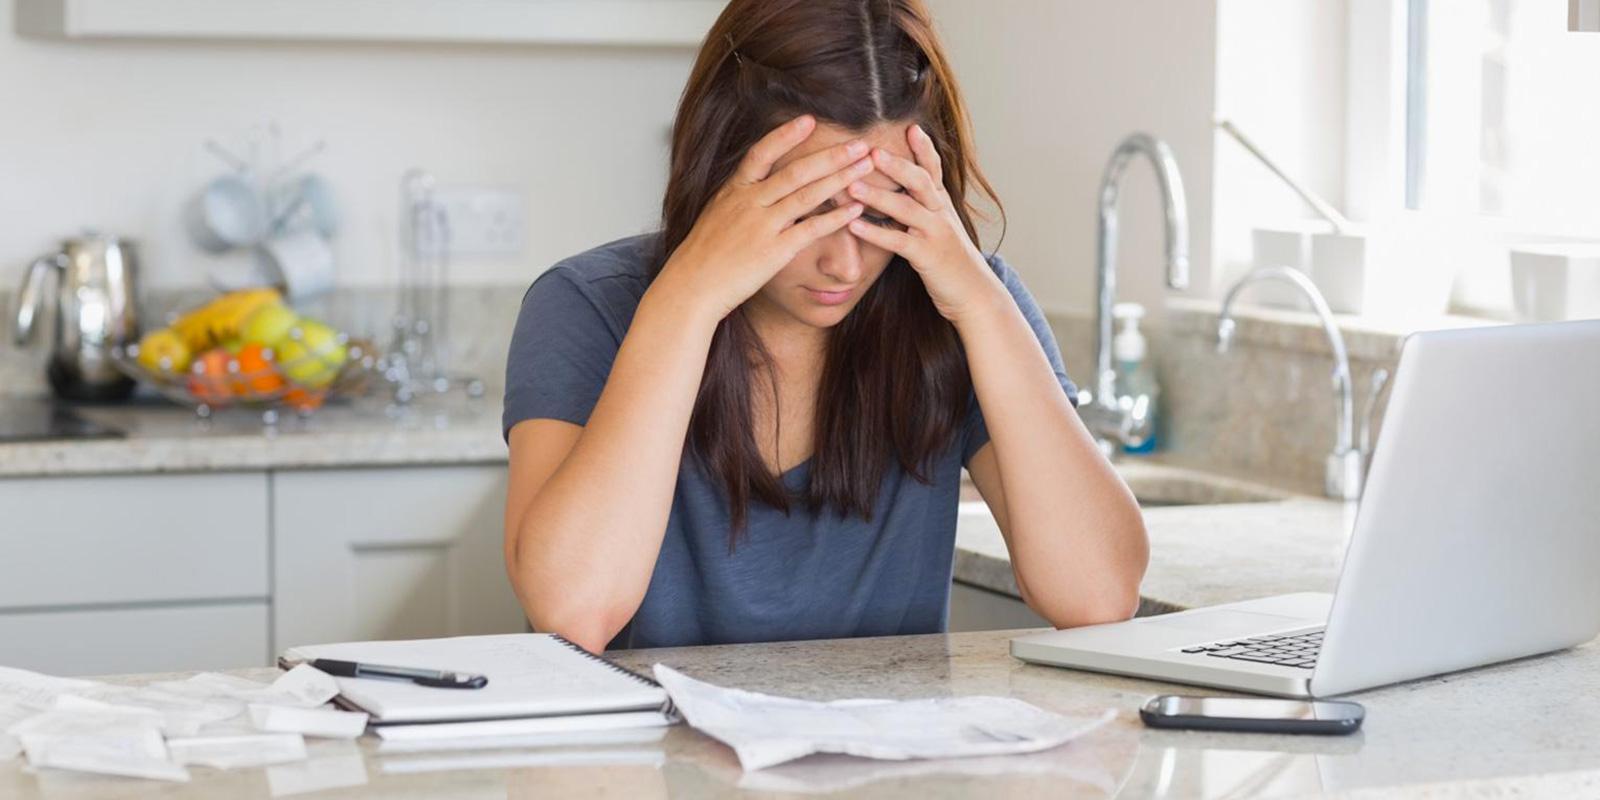 10 dobrých rad, jak si půjčit peníze a nespadnout přitom do spirály dluhové pasti